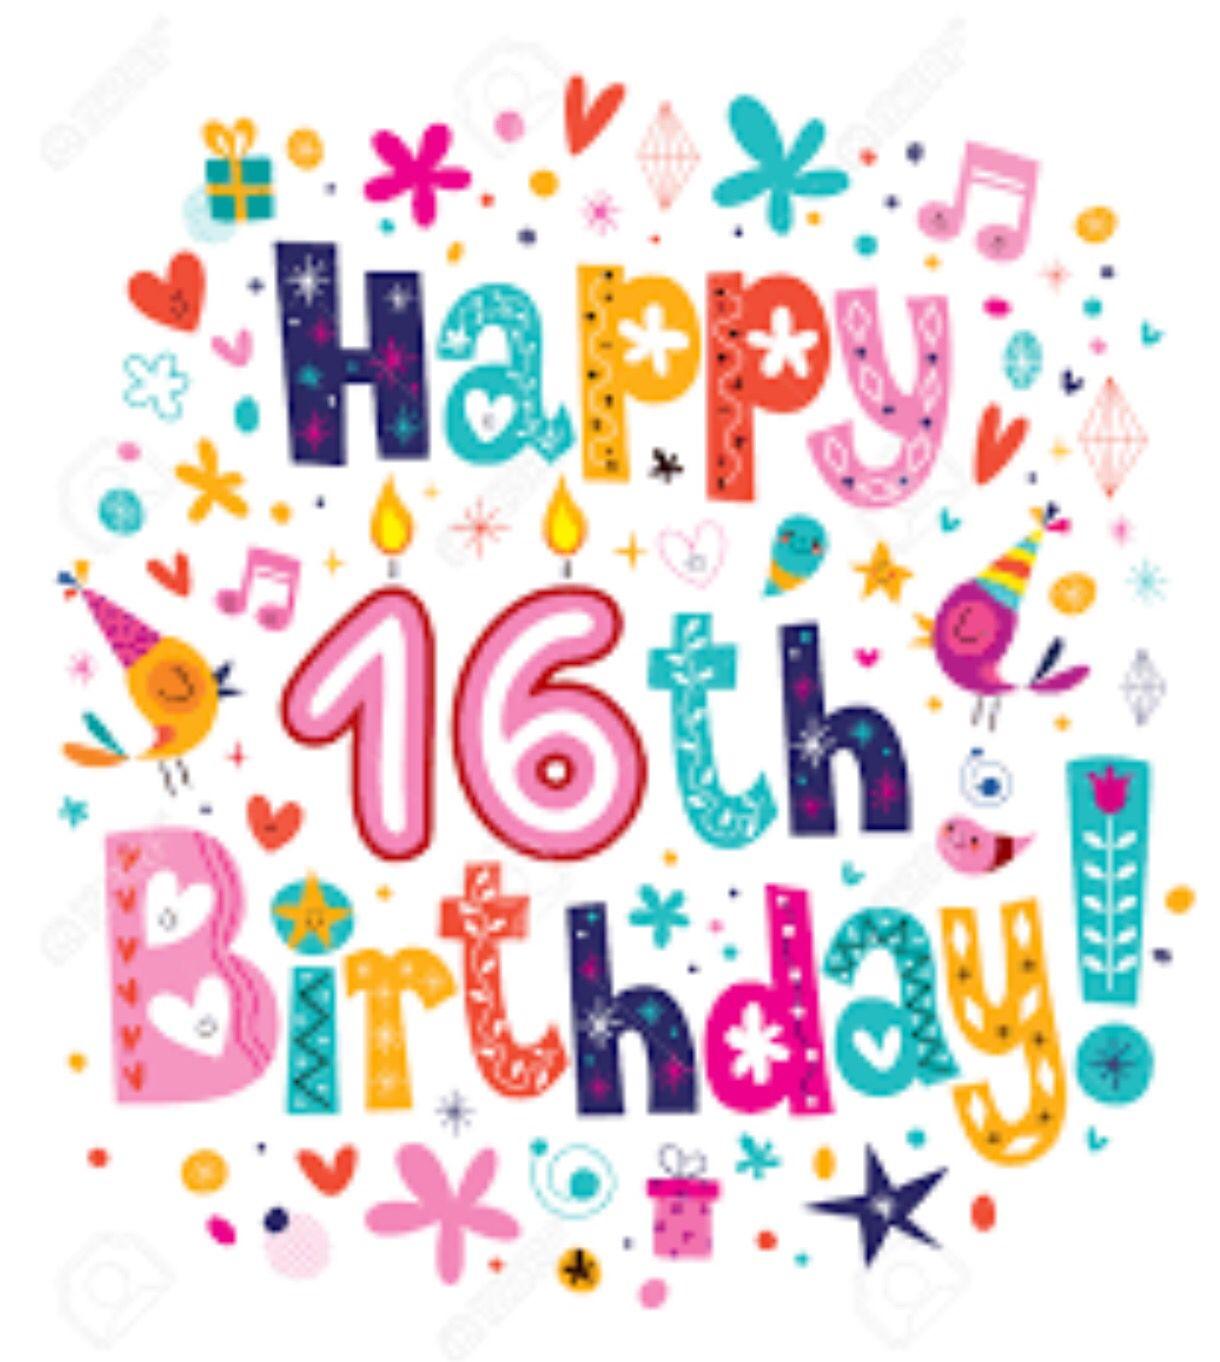 Happy 16th Birthday, 16th